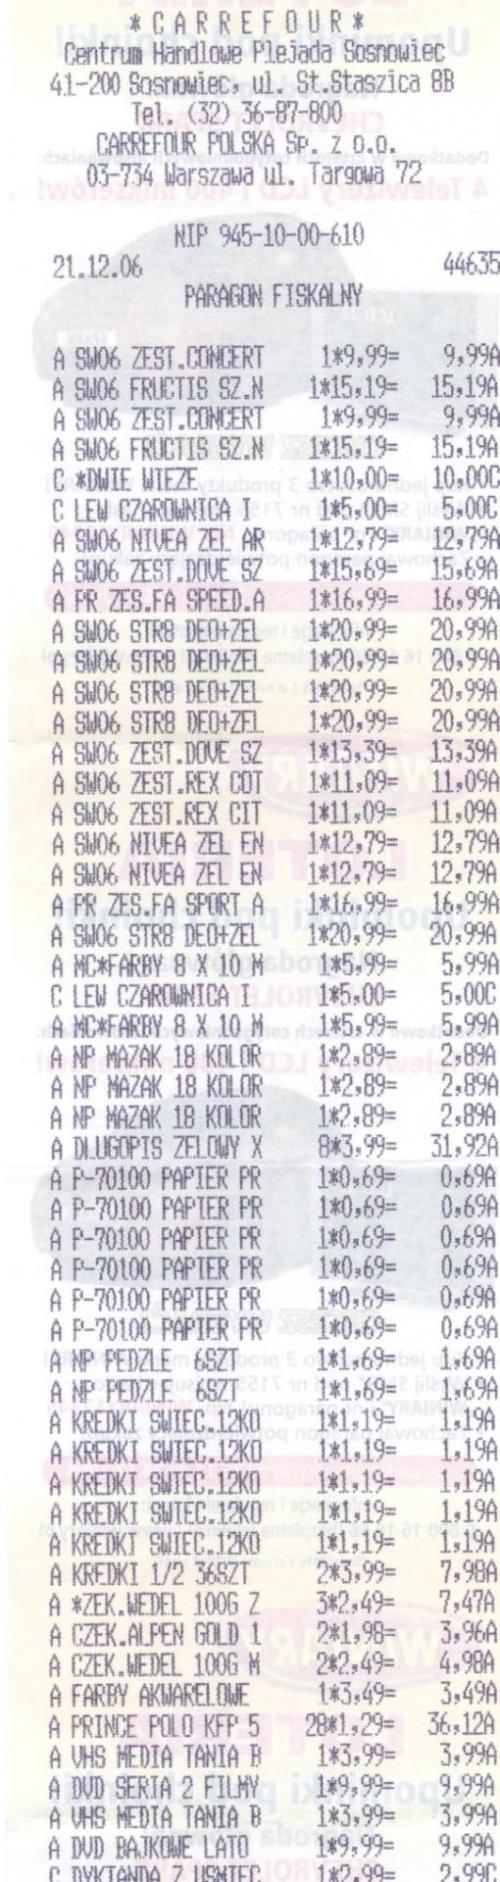 Paragon na zakupy w Carrefour - czesc 1